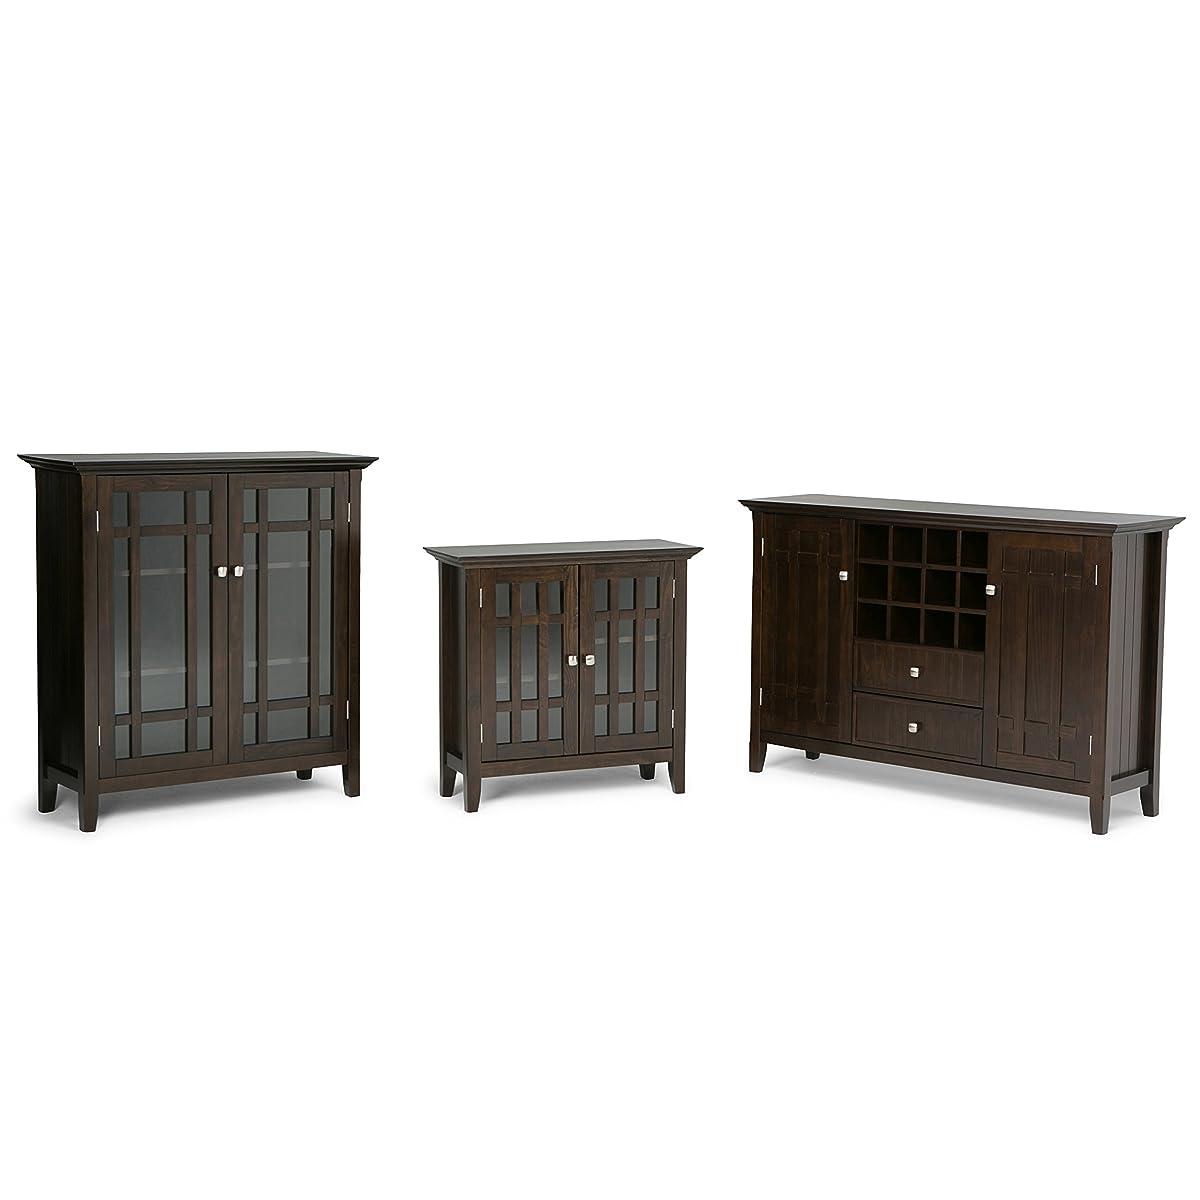 Simpli Home Bedford Low Storage, Dark Tobacco Brown